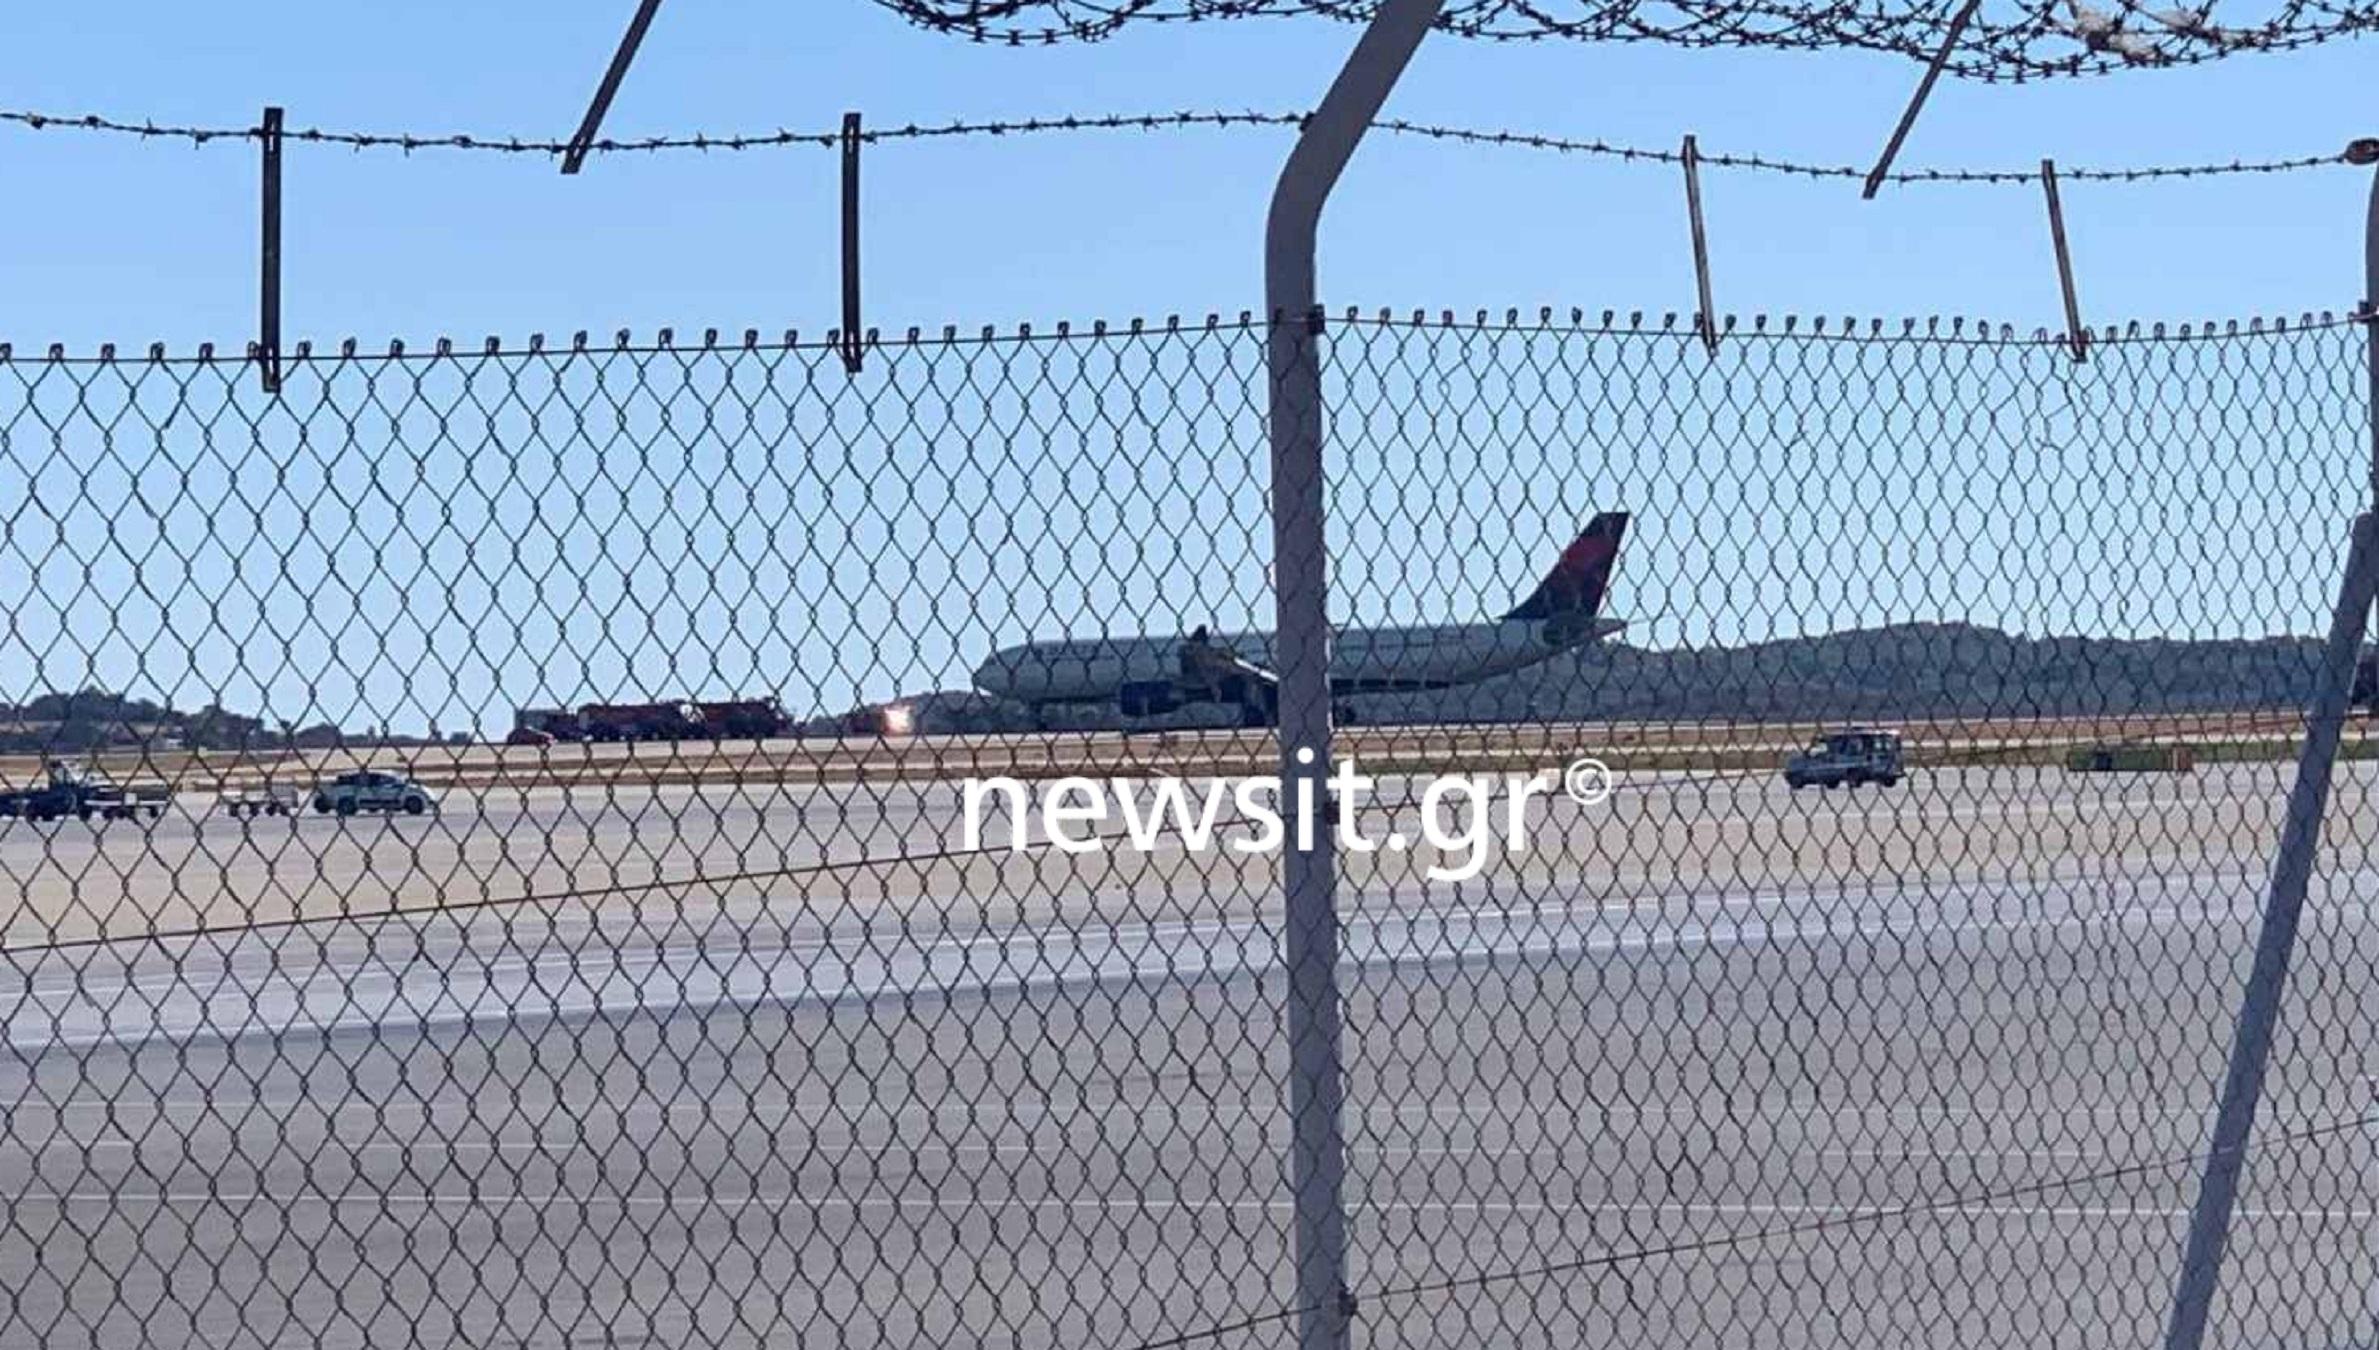 Έκτακτη προσγείωση στο Ελευθέριος Βενιζέλος: Τα πρώτα λόγια επιβατών του αεροπλάνου – «Ανατριχιάσαμε, τρομοκρατηθήκαμε»